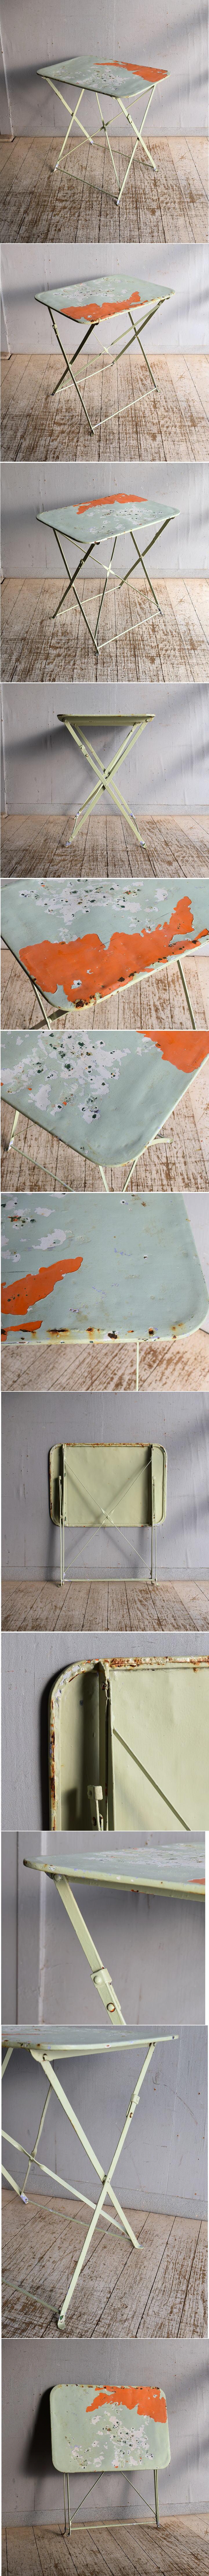 フレンチ アンティーク アイアン ガーデンテーブル 9132